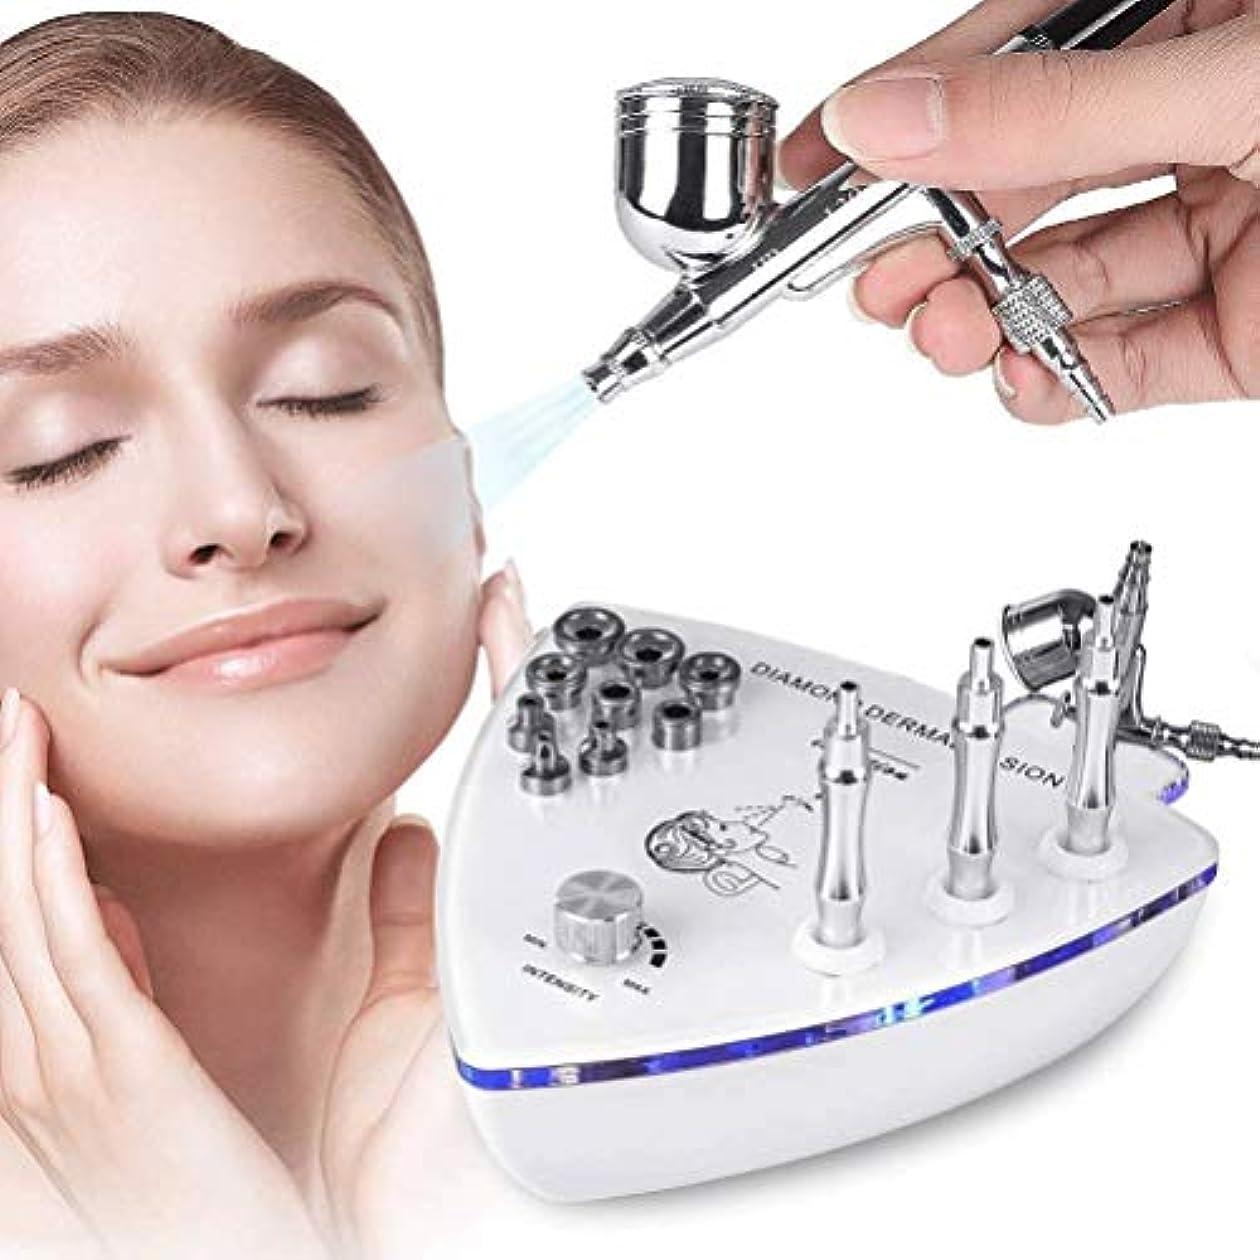 スペースクリームインテリア美容機器 - ダイヤモンドMicroderma - スプレーガン散水真空吸引ピーリング?フェイシャルマッサージでBrasion皮膚剥離マシン